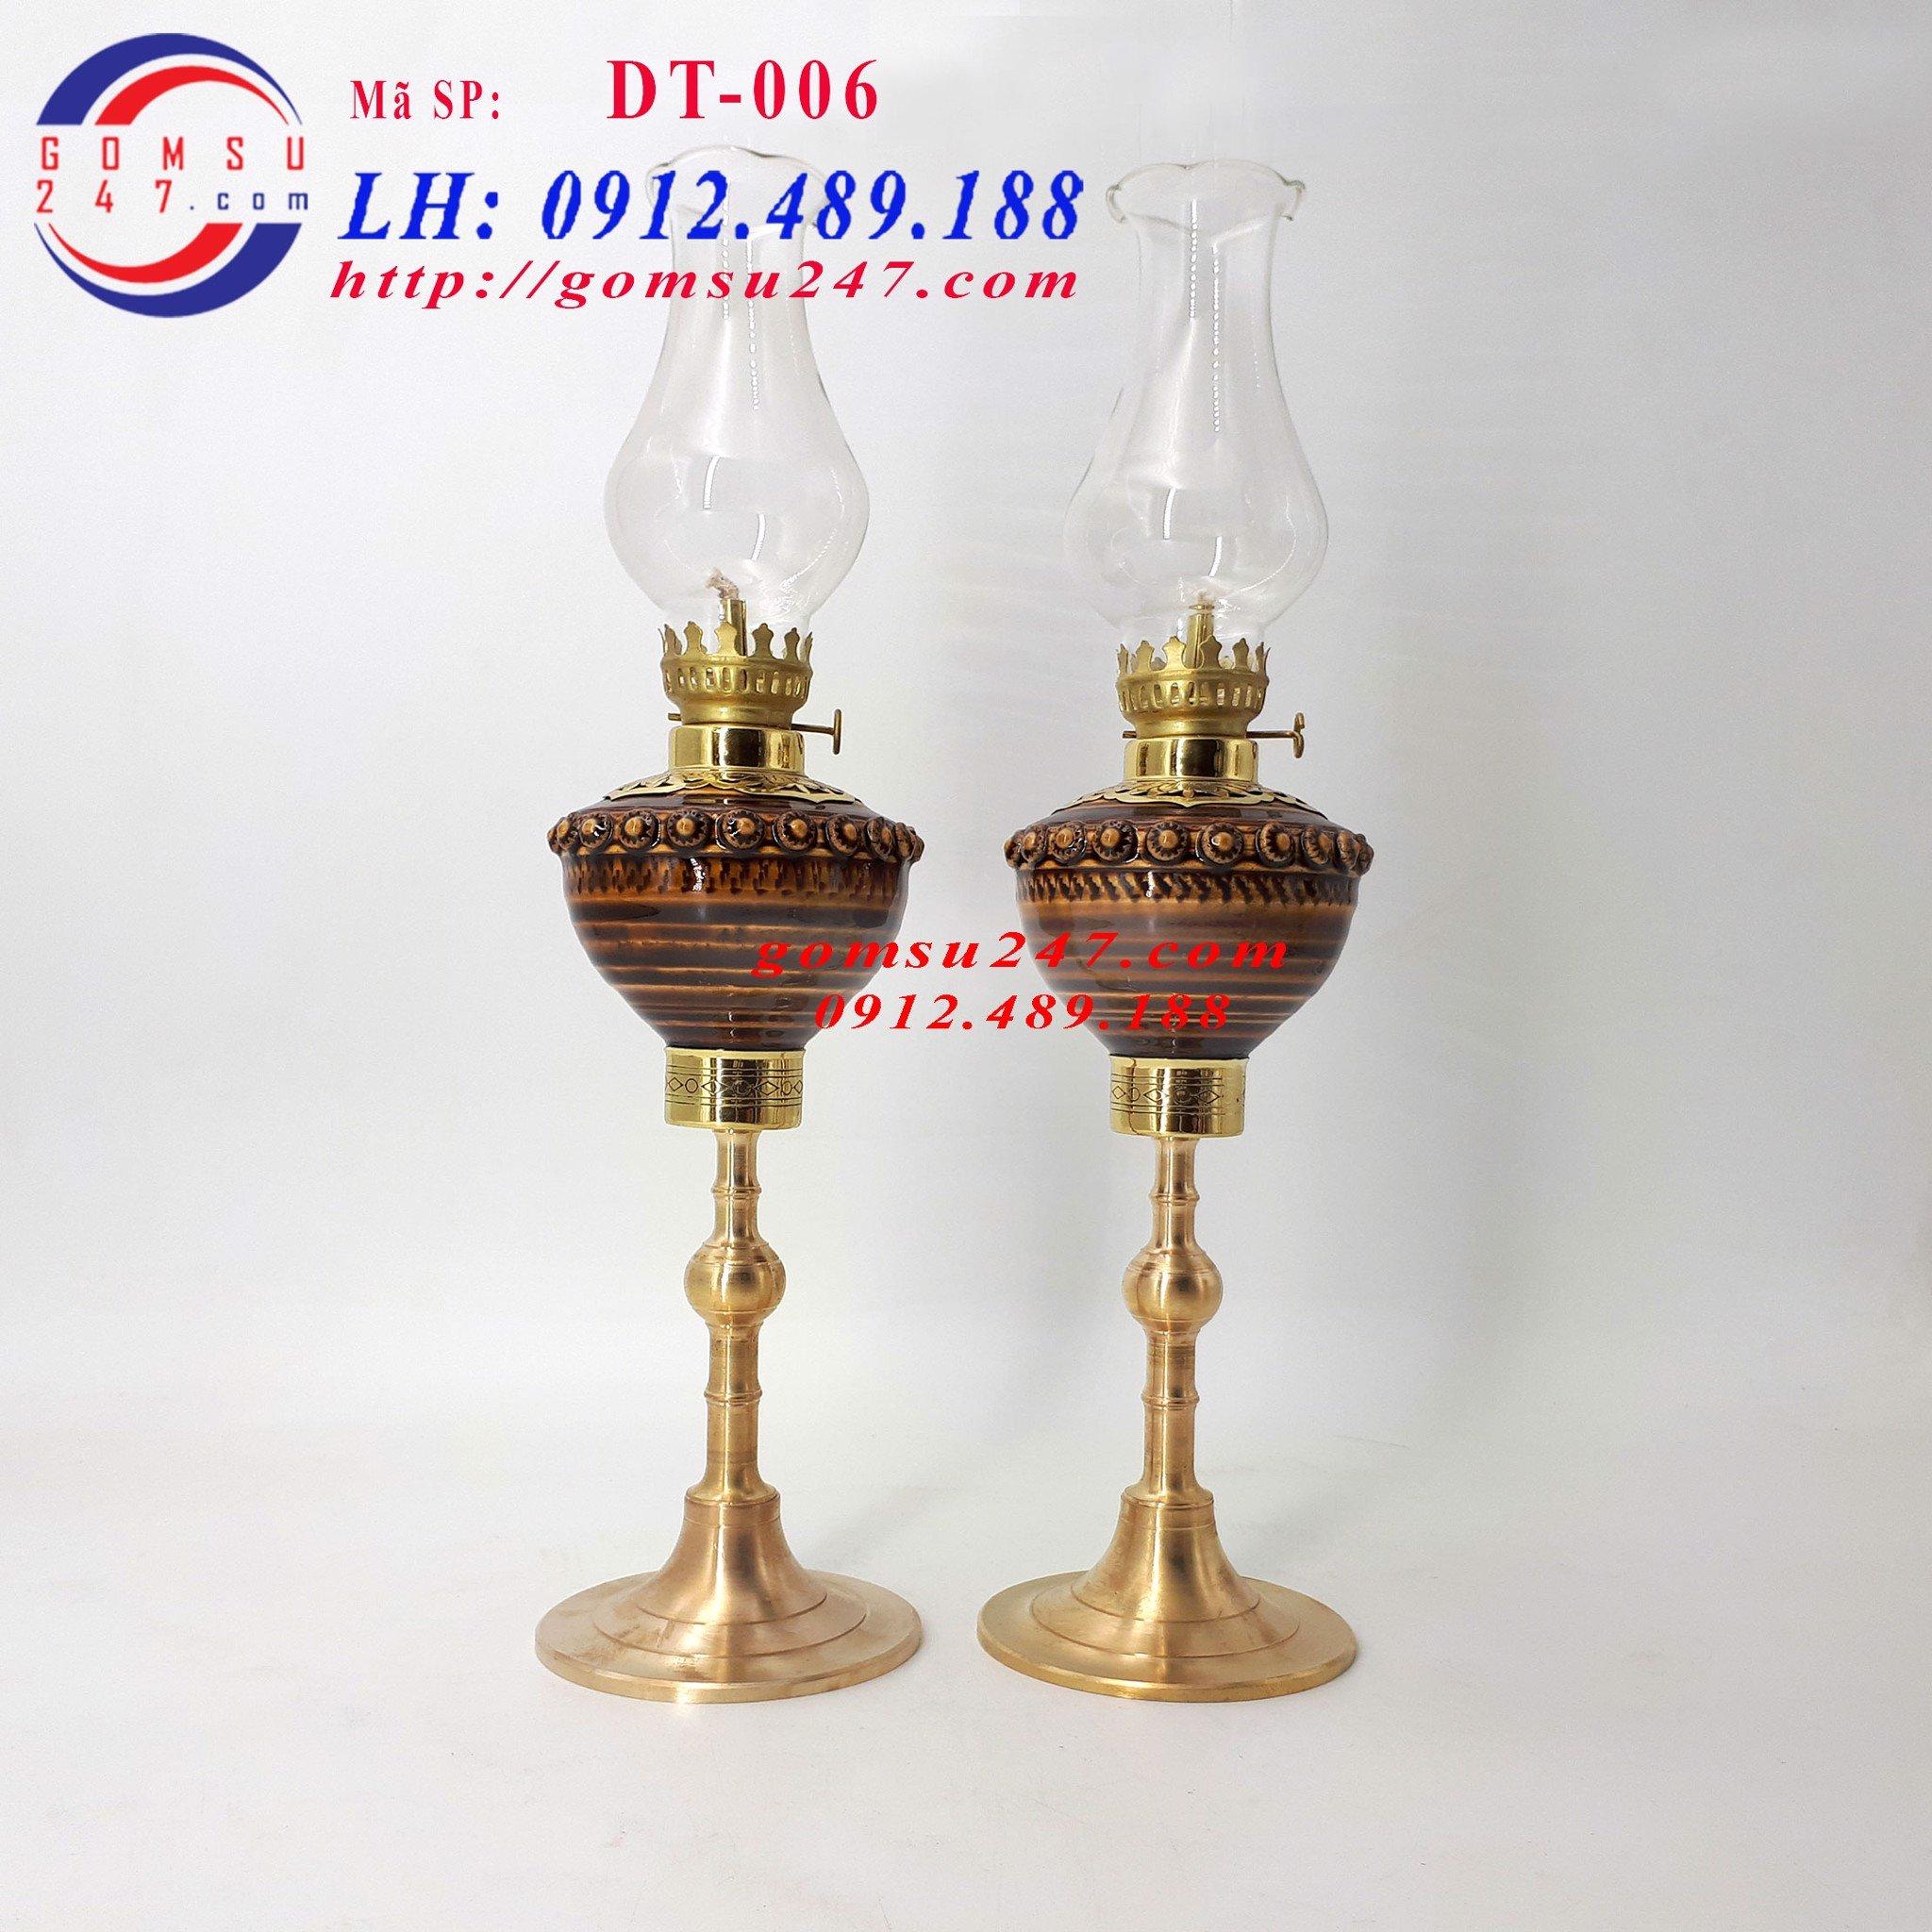 [Chọn Lọc] Những mẫu đèn bàn thờ đẹp, ý nghĩa, hợp theo phong thủy